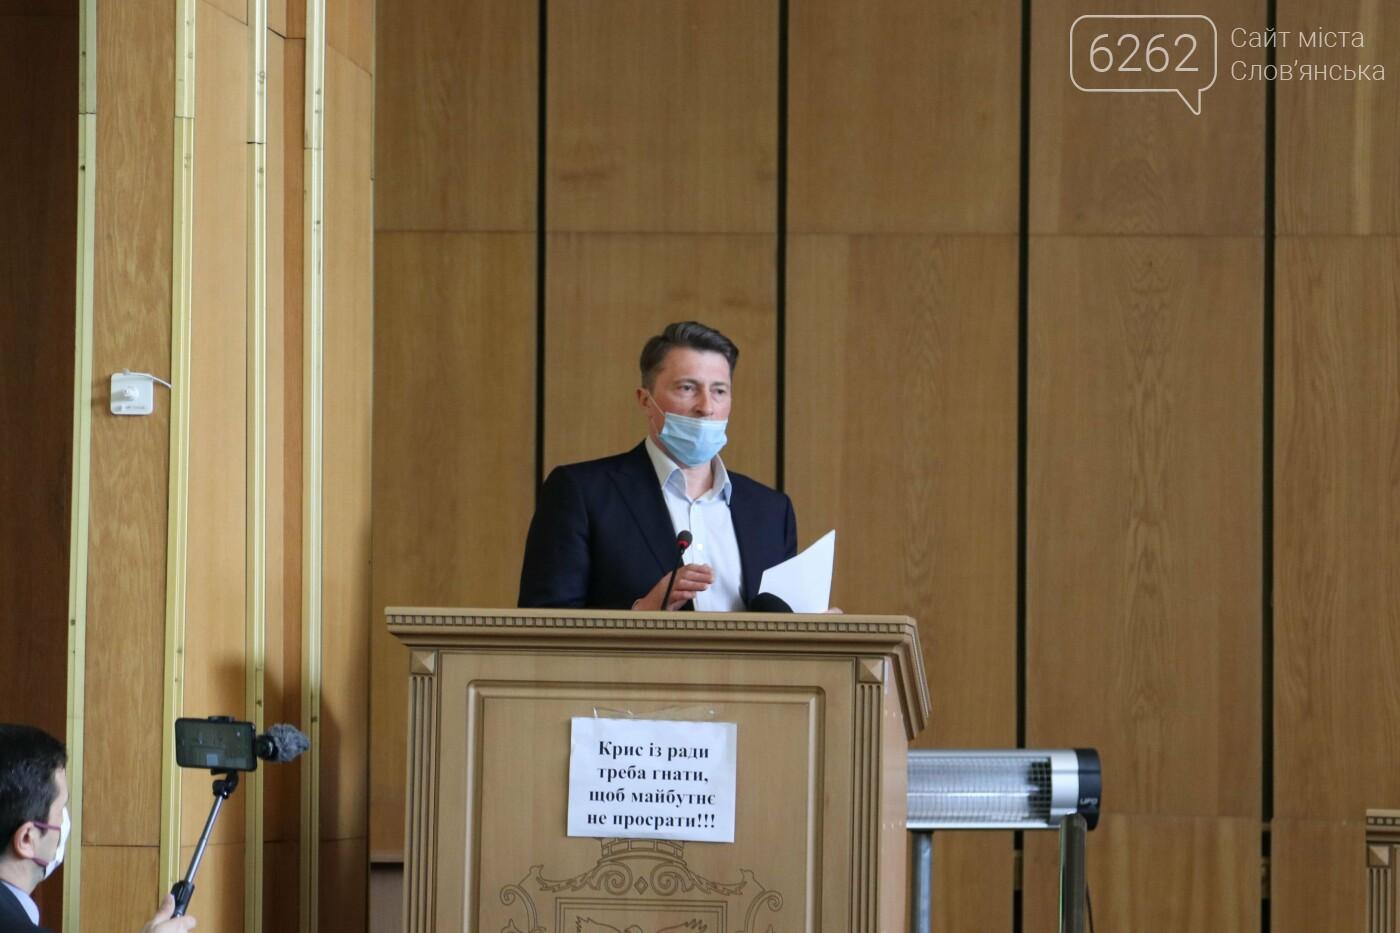 Як сесія Слов'янської міськради перетворилася на відкритий мікрофон, фото-5